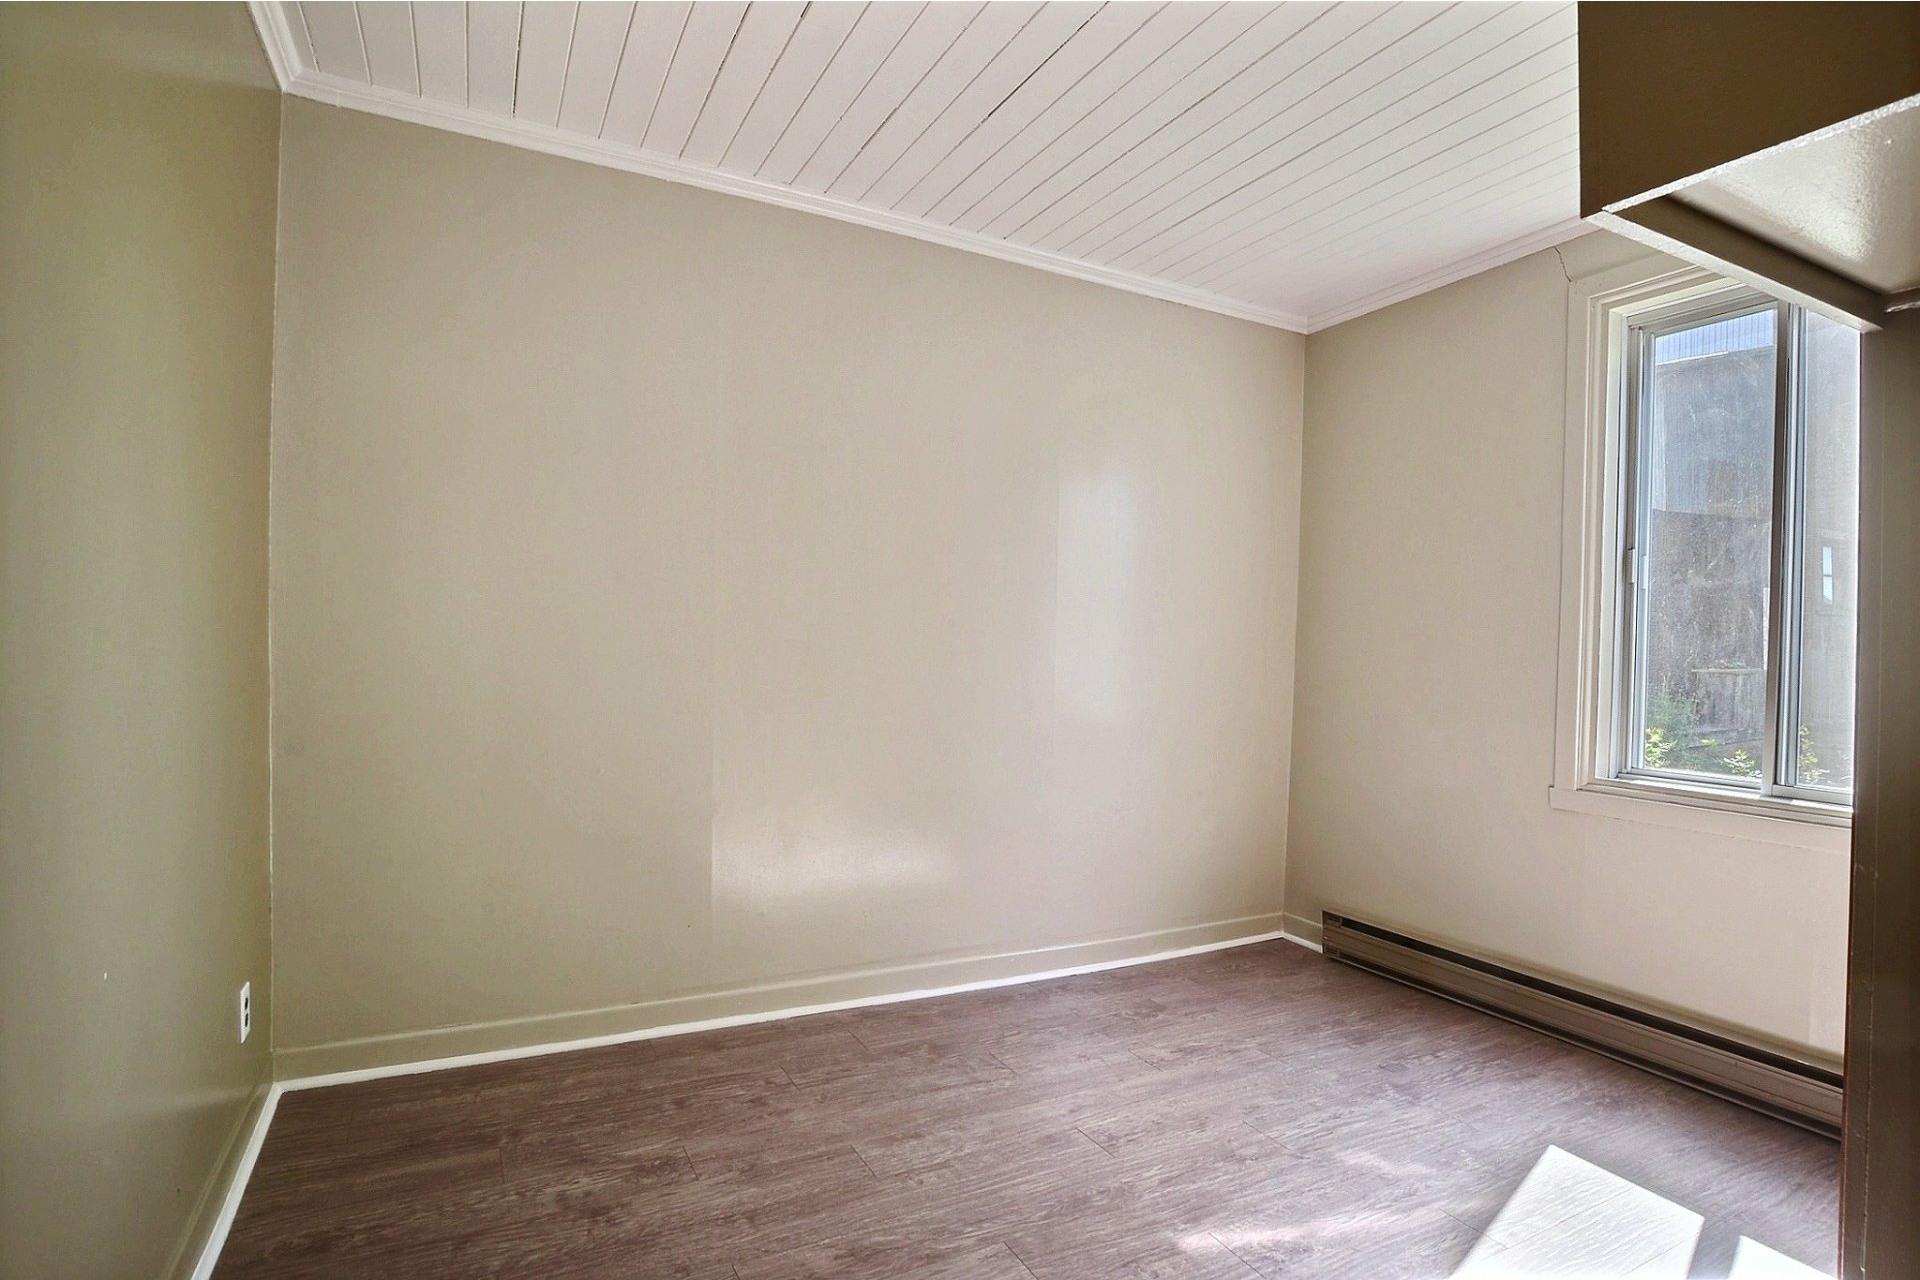 image 7 - Duplex For sale Sainte-Anne-des-Plaines - 4 rooms